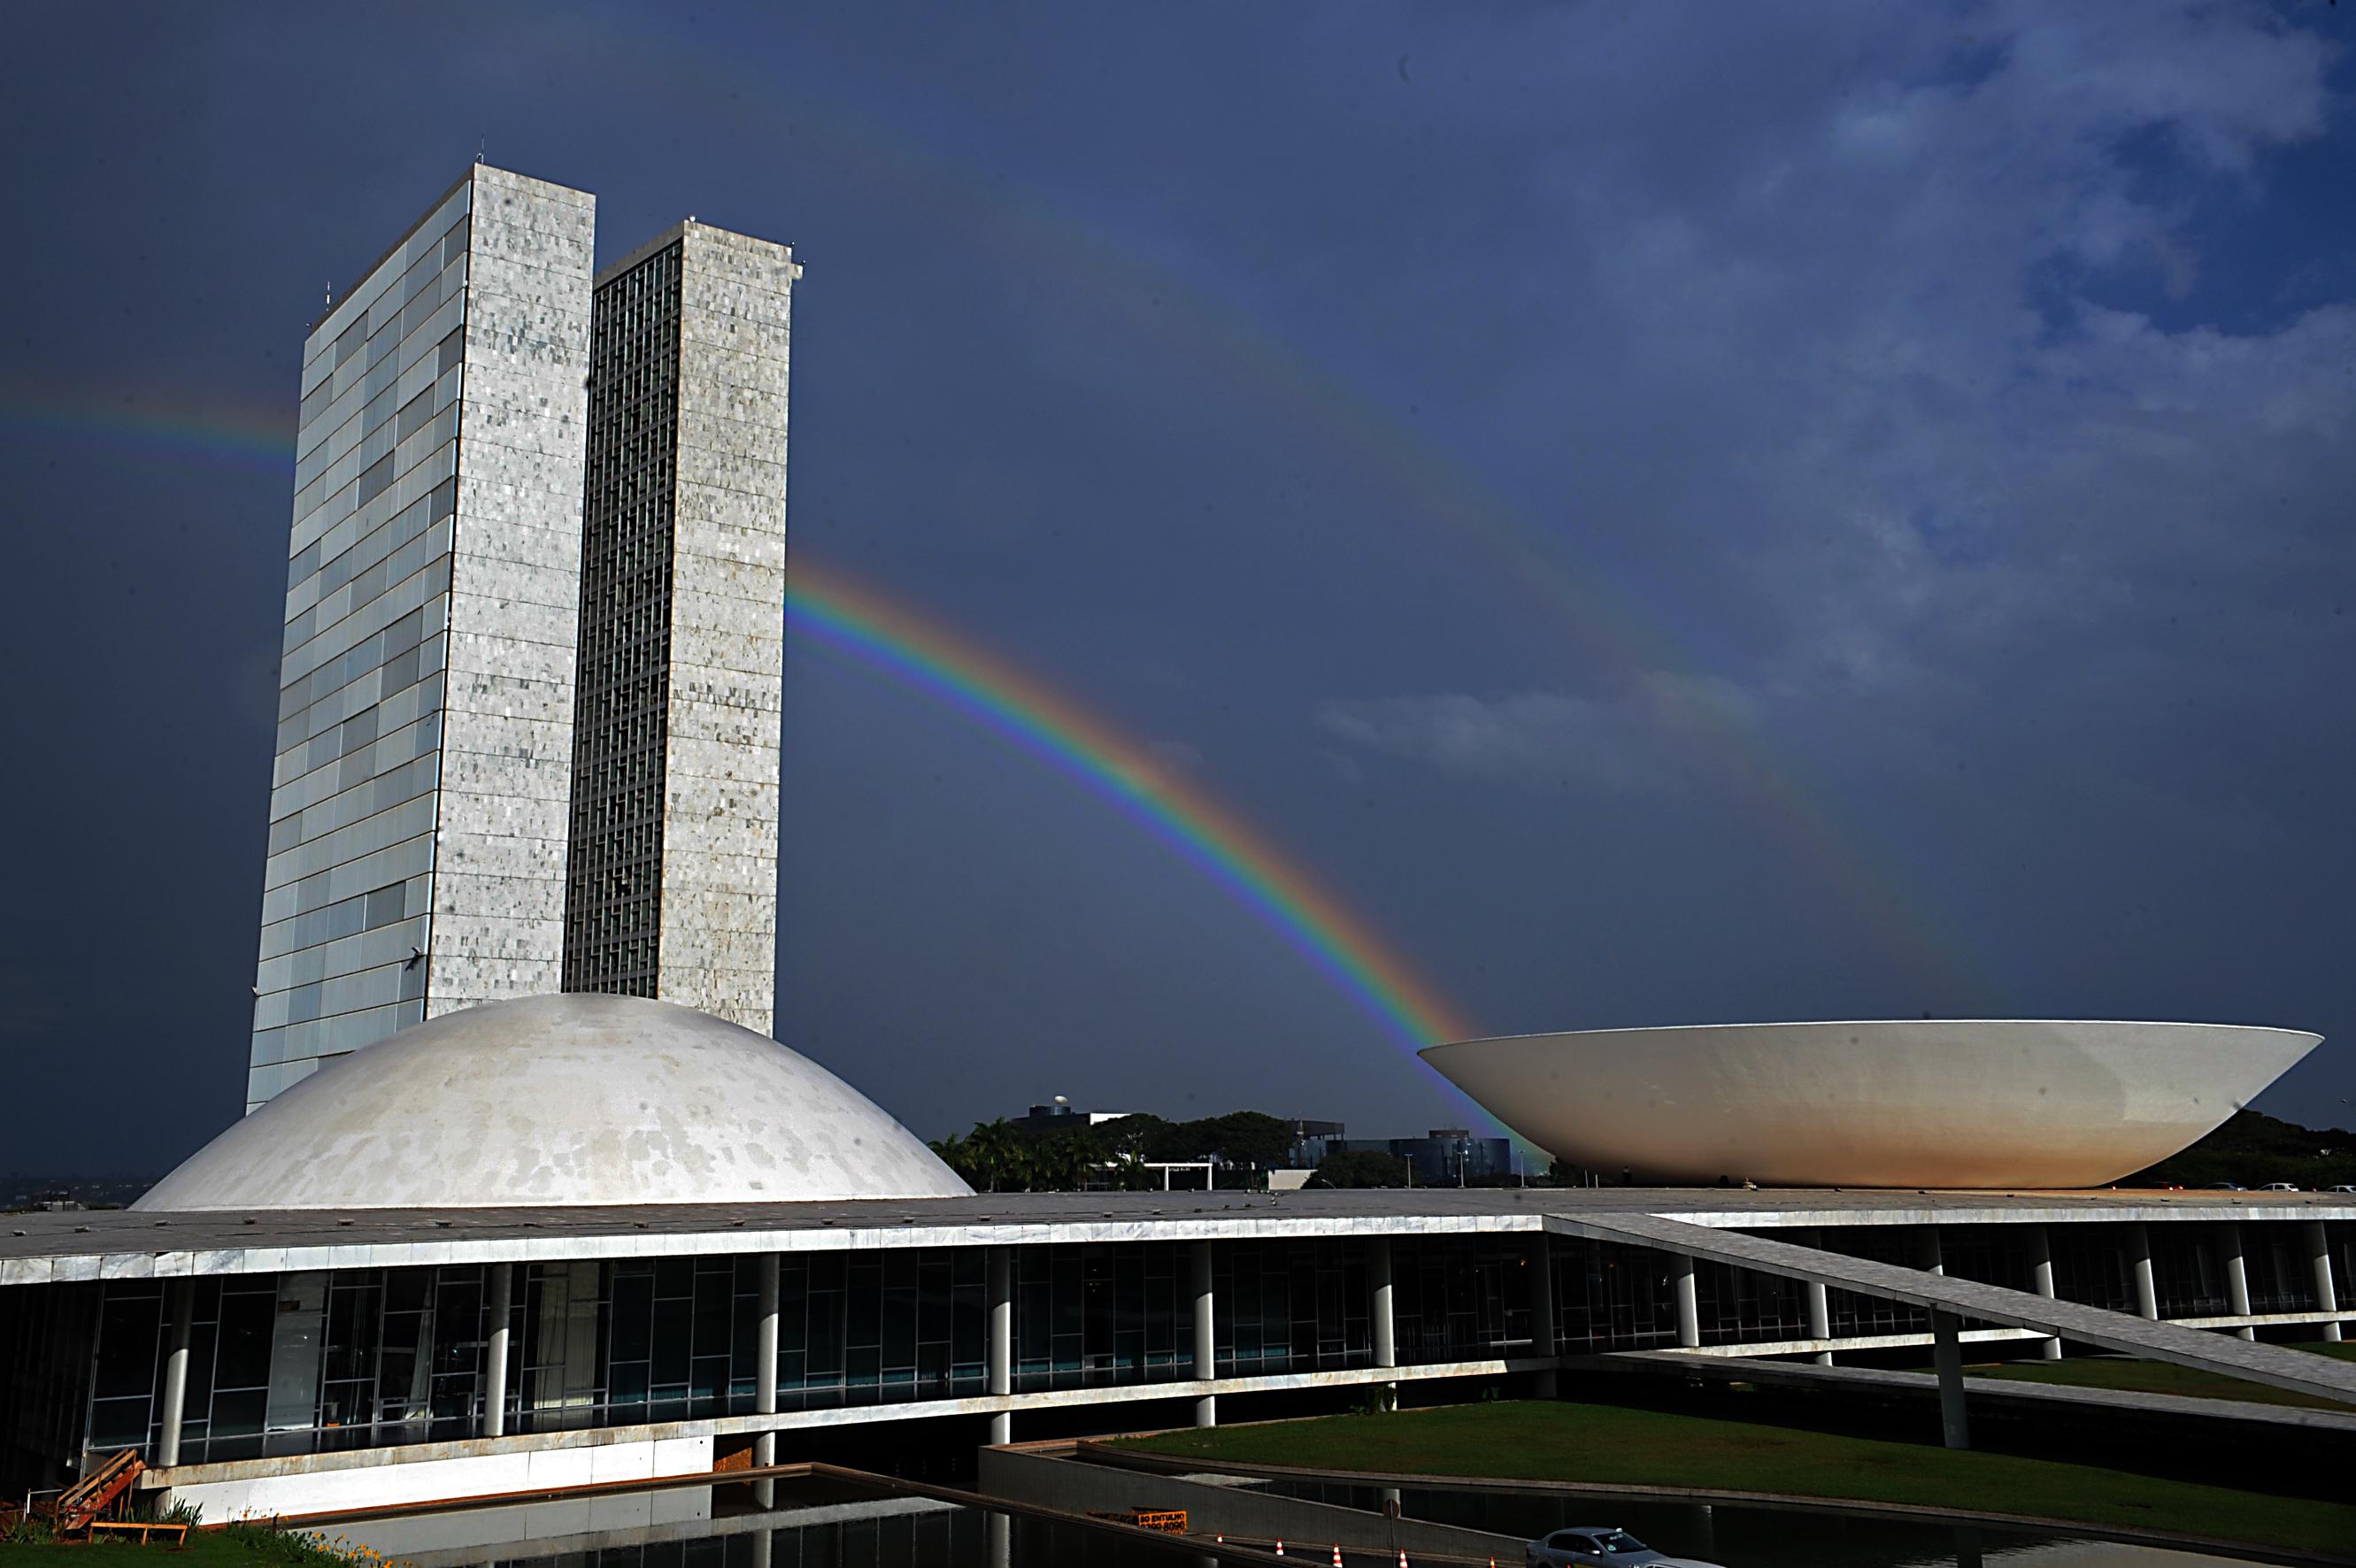 http://agenciabrasil.ebc.com.br/sites/_agenciabrasil/files/gallery_assist/26/gallery_assist670726/18.05.2011FRP_3185.jpg